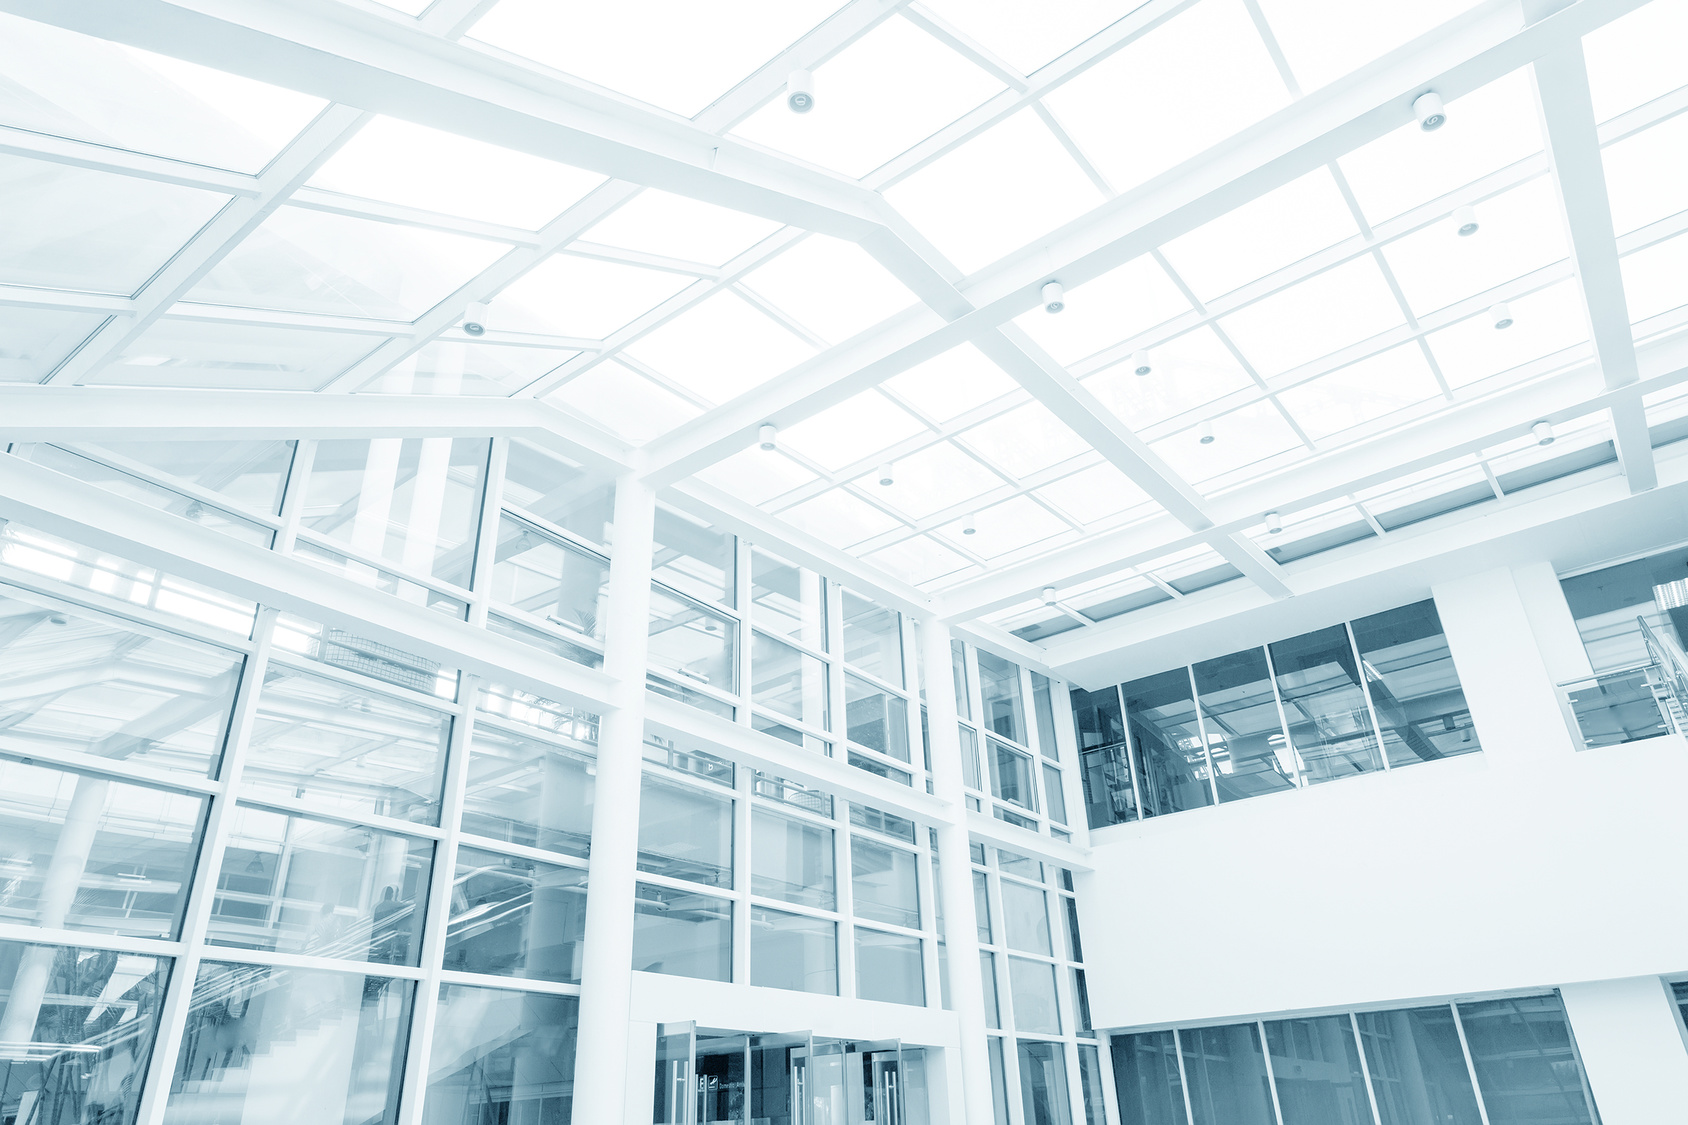 Prix d 39 une toiture en verre au m2 les tarifs et devis for Prix m2 salle de bain